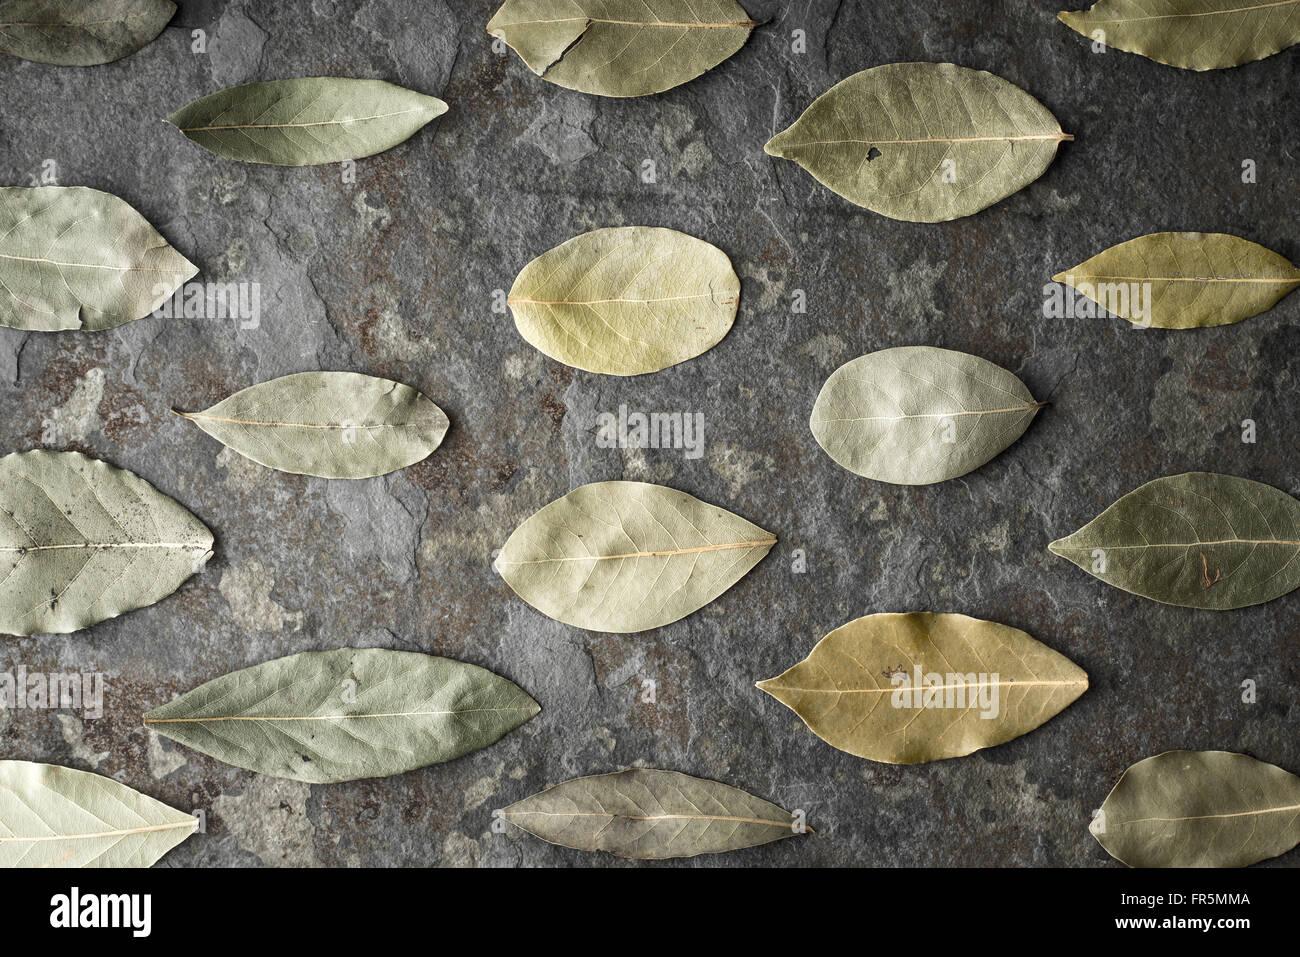 Feuilles de l'arbre du laurier sur la table de pierre super horizontal still life Photo Stock